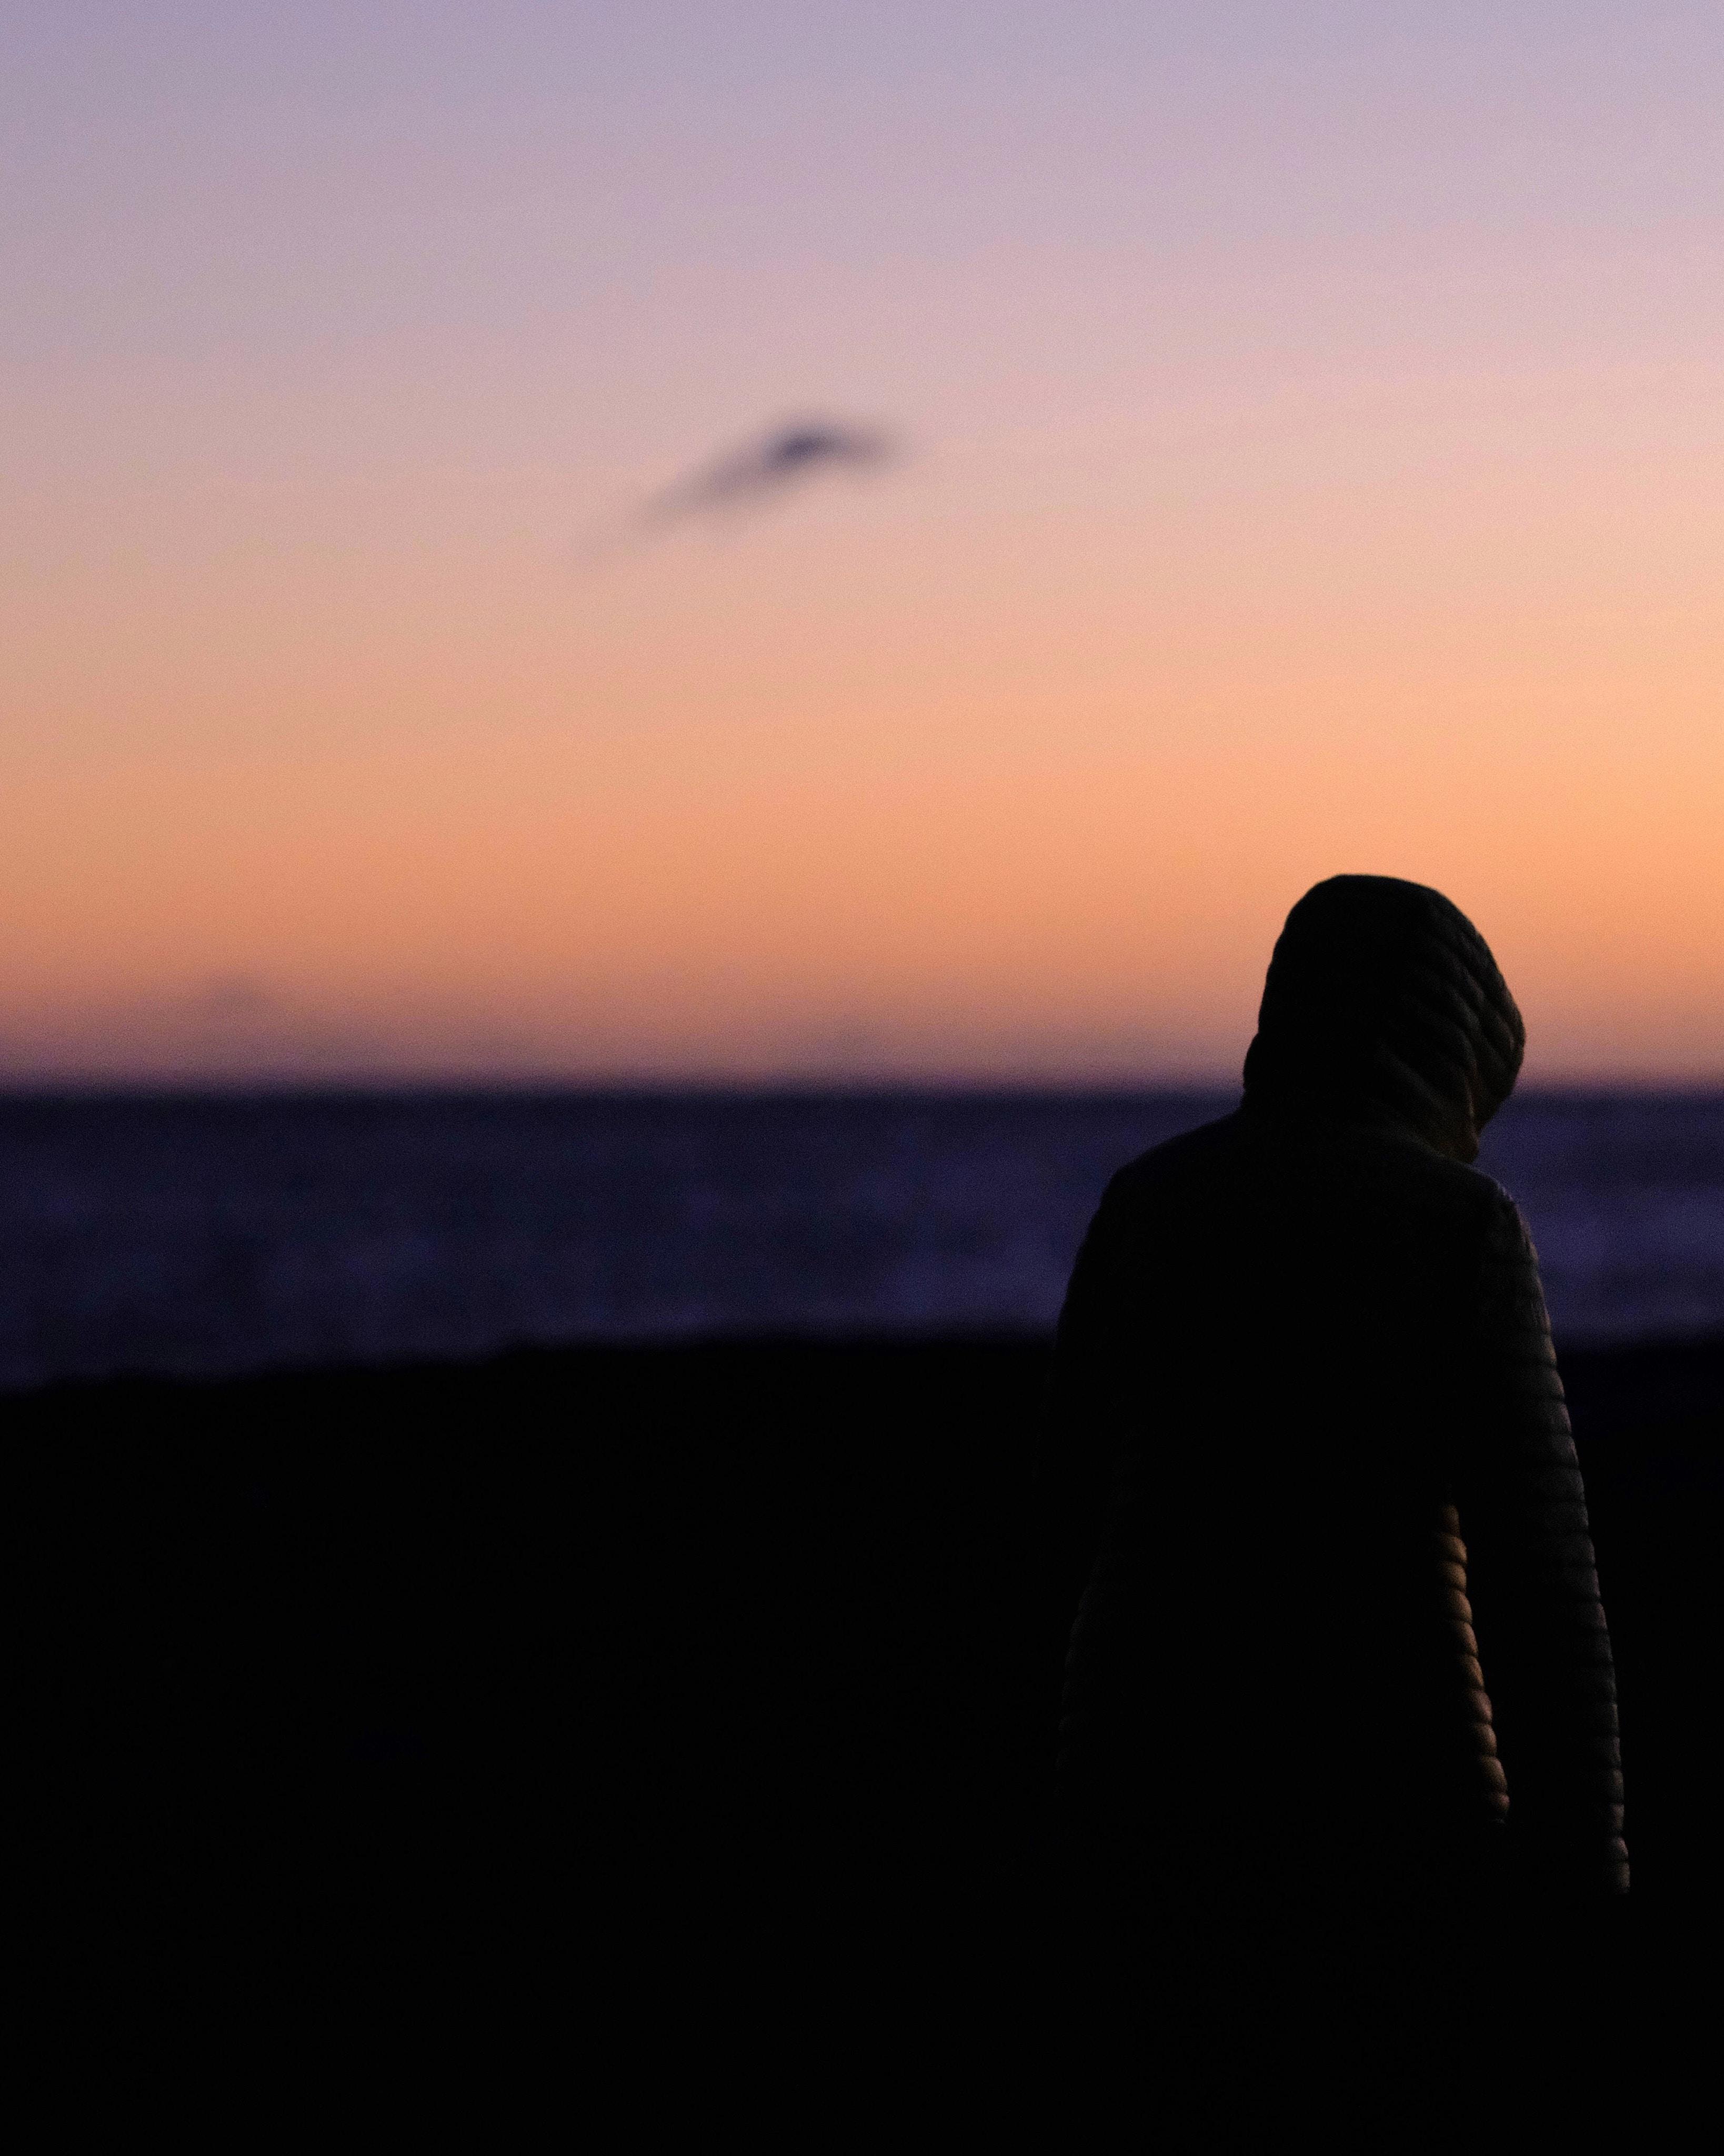 person wearing hoodie walking near shore